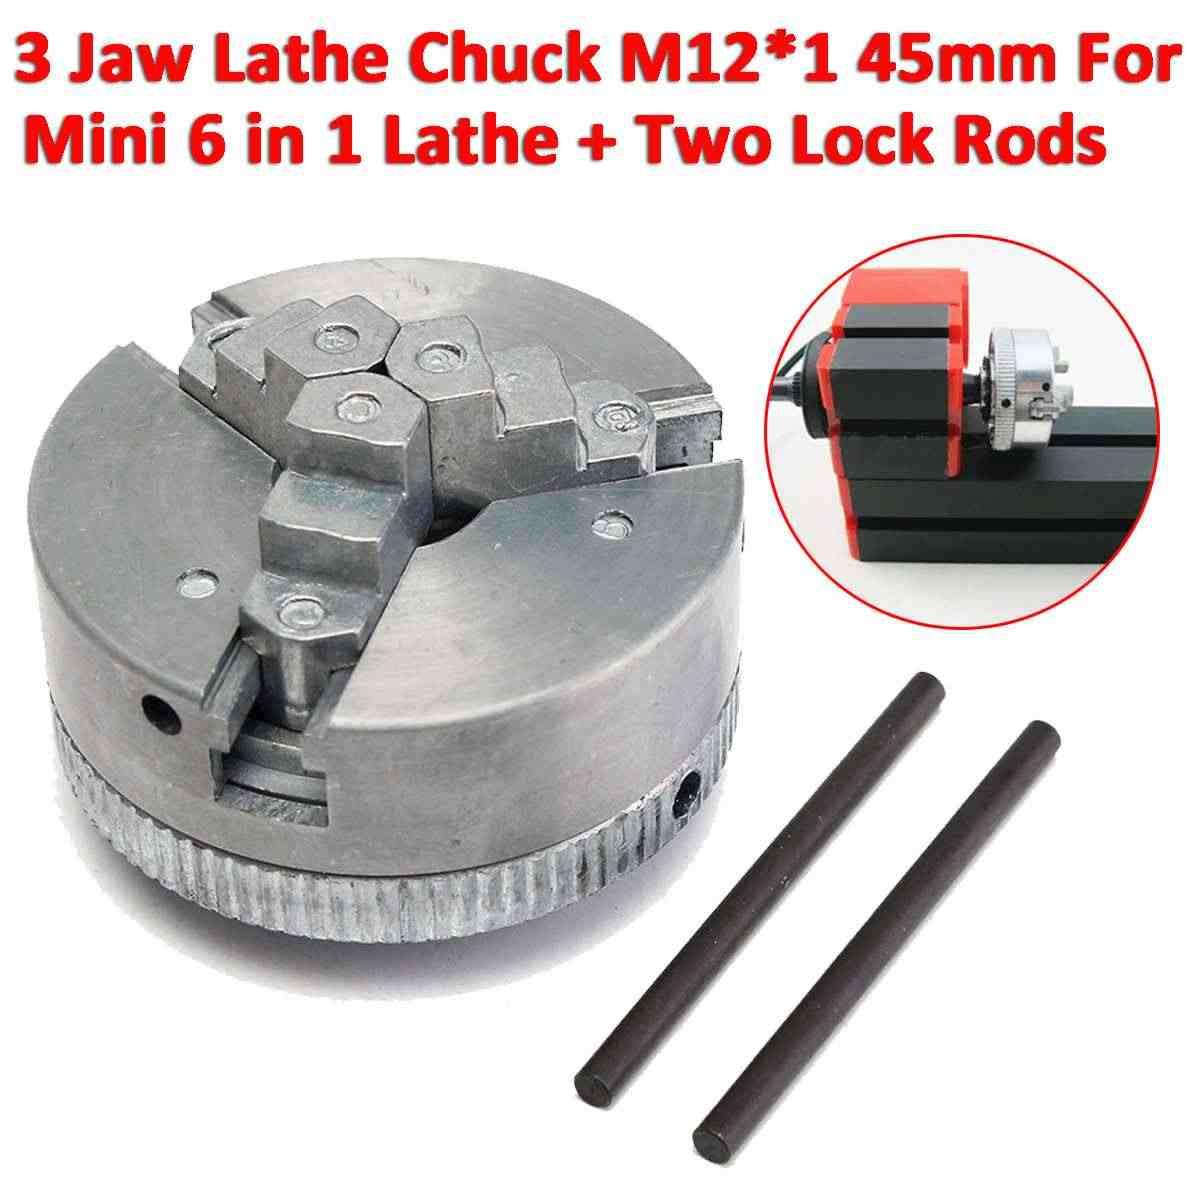 Mới nhất 3 Hàm Tự Centering Tiện Chuck M12 * 1 45mm Kim Loại Cuộn Chucks Cho Khoan Xay Các Chi Tiết Máy DIY Tiện Phụ Kiện